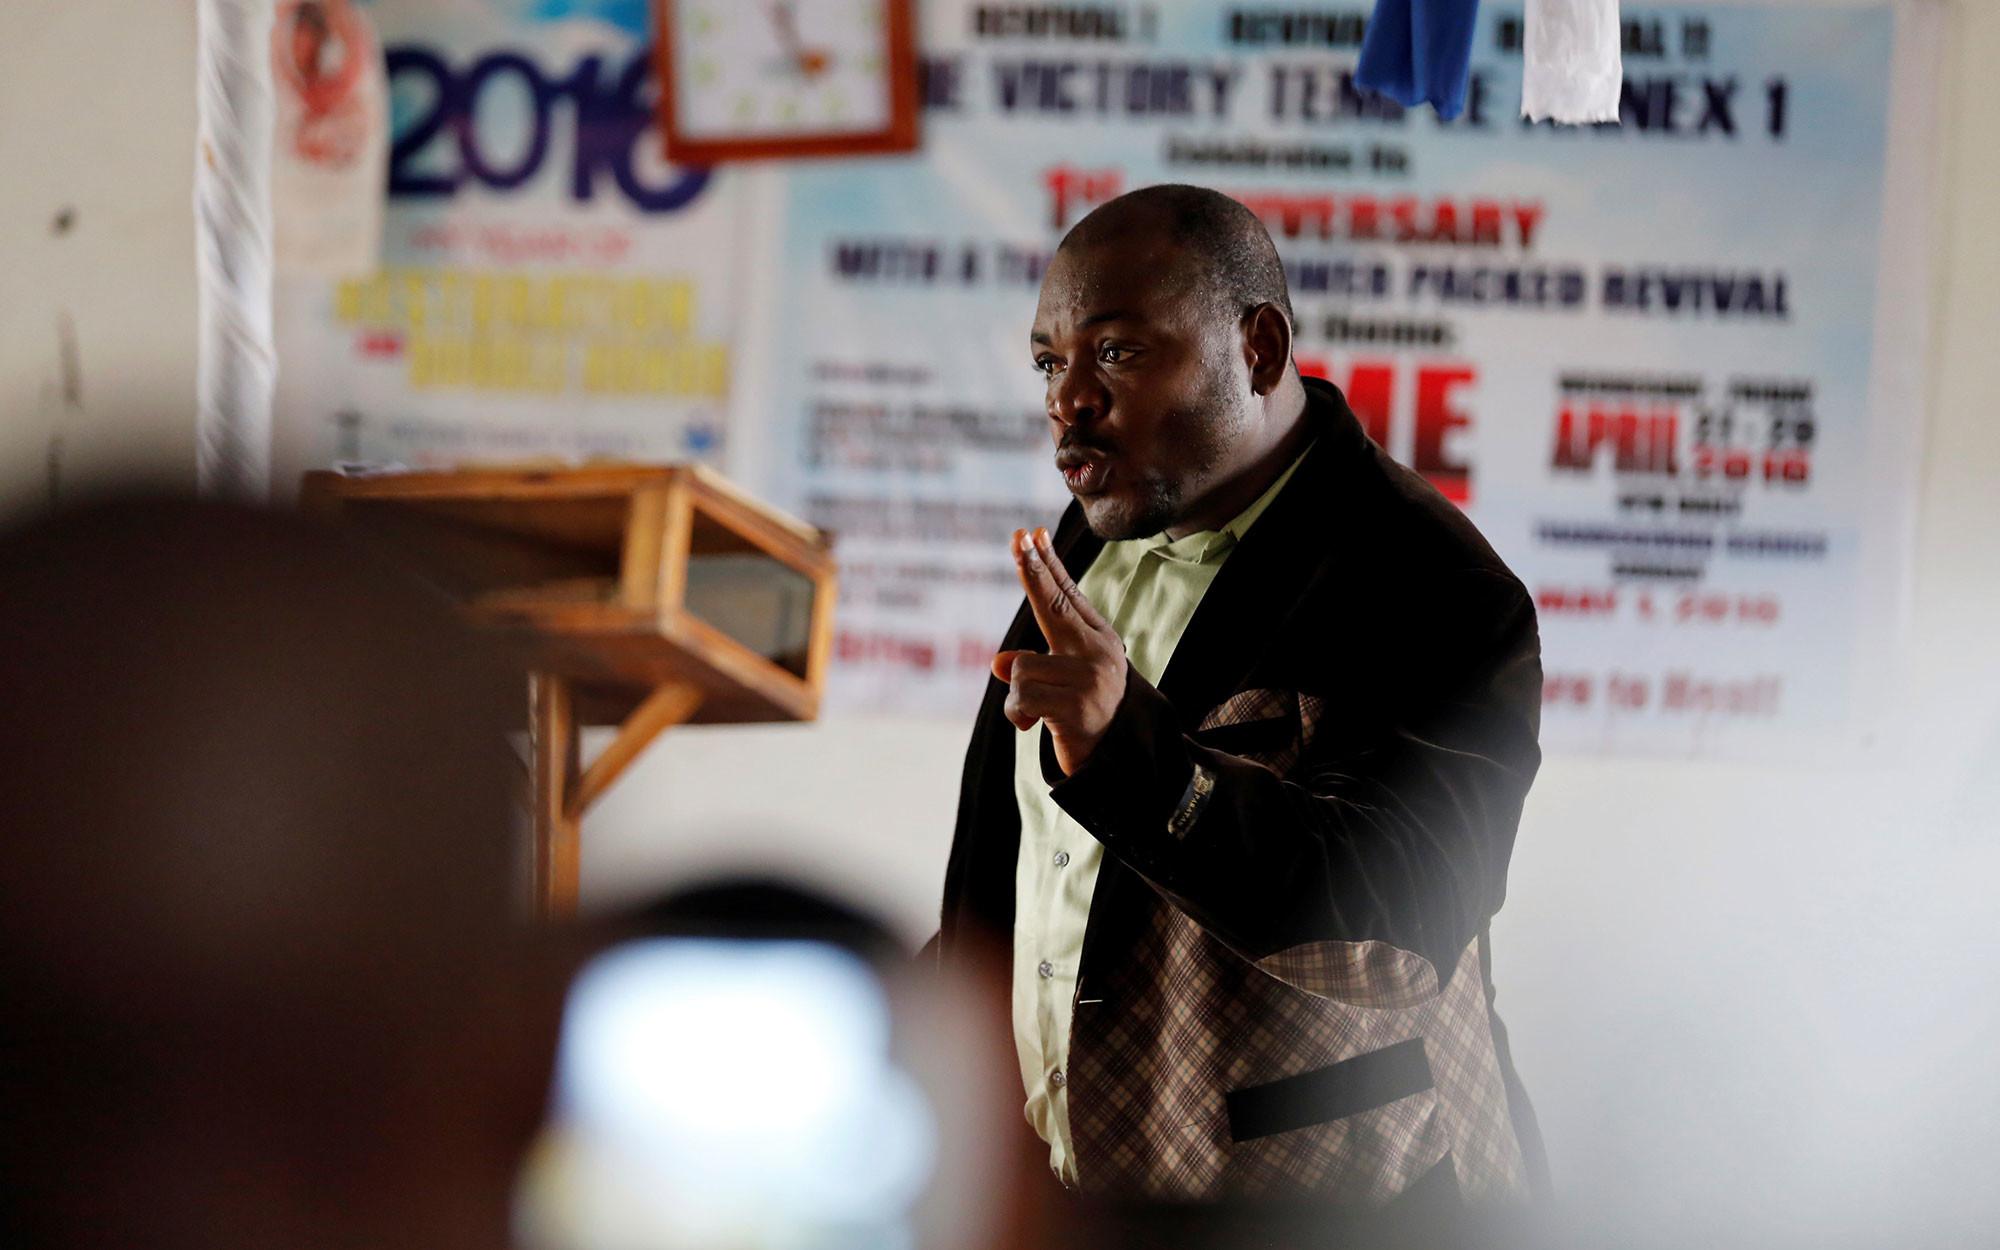 Евангелист и бывший генерал Джошуа Мильтон Блайи проповедует в церкви в своём родном городе Гранд-Геде, Либерия. 2016 год. Фото: © REUTERS/Thierry Gouegnon